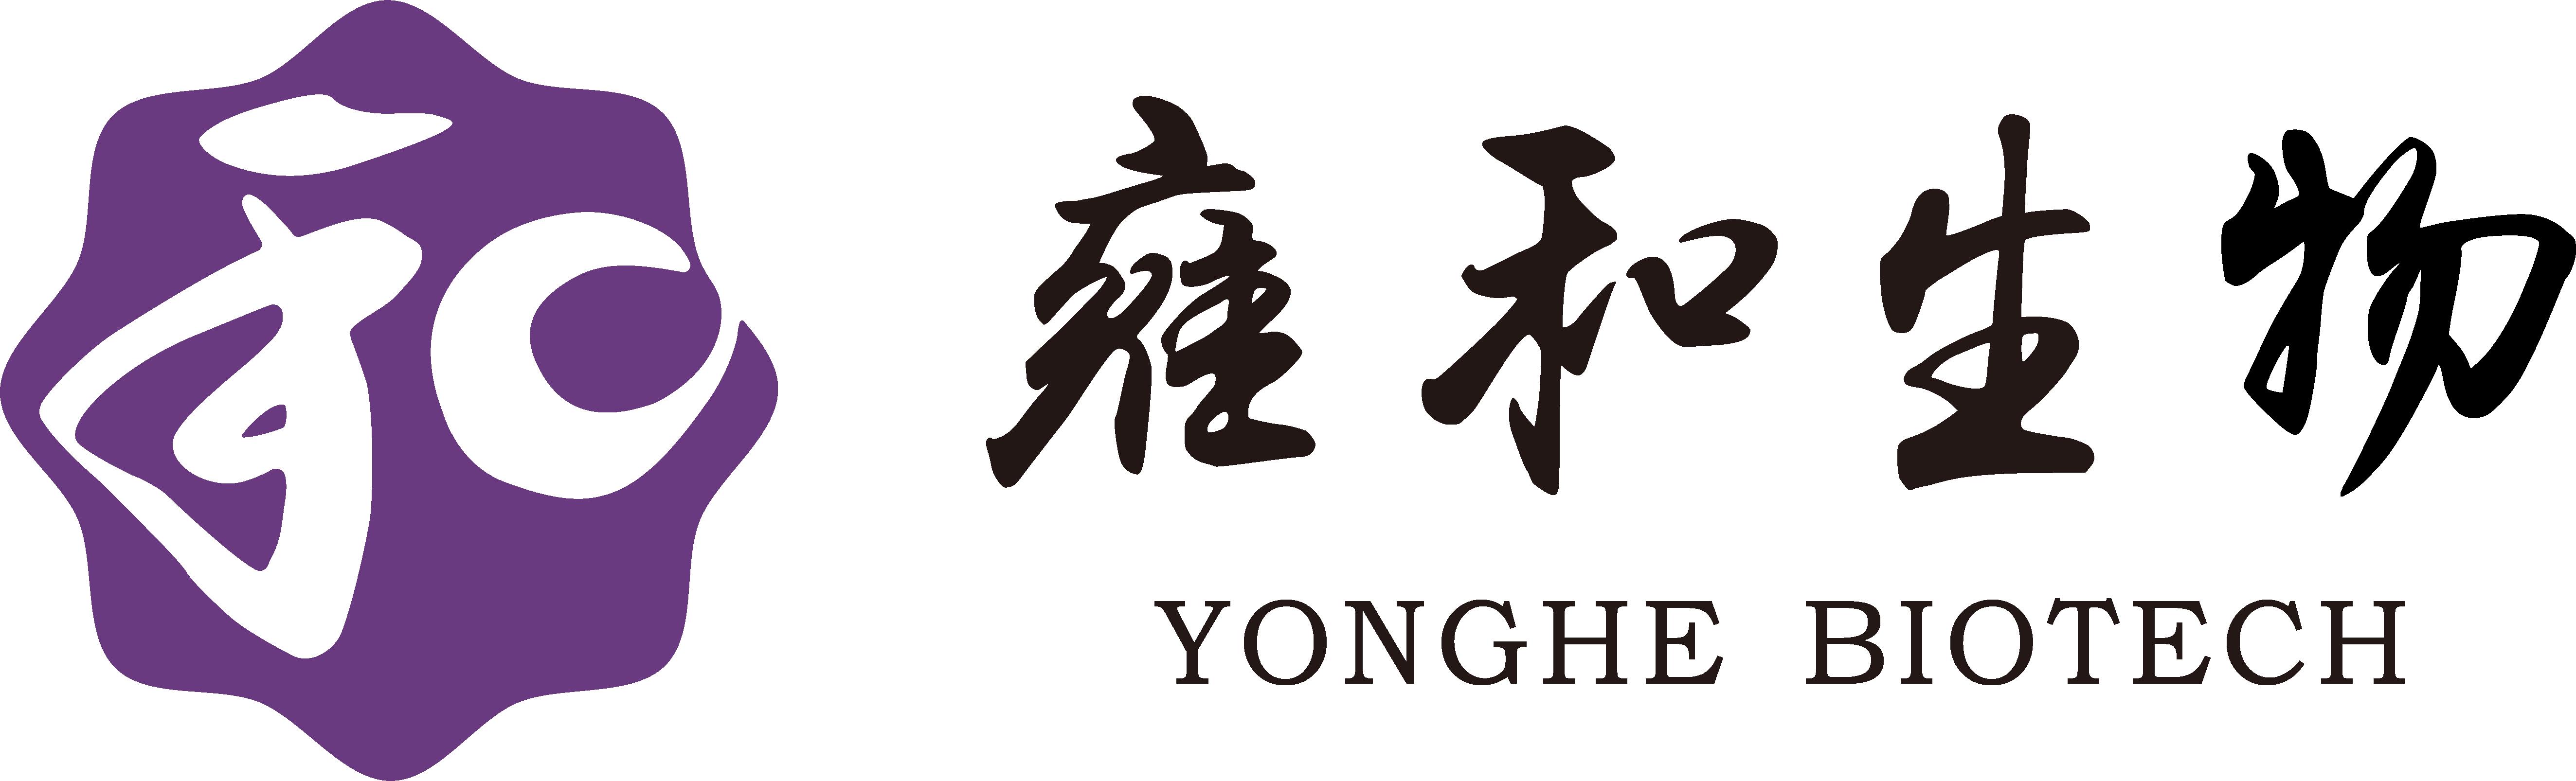 内页顶部logo